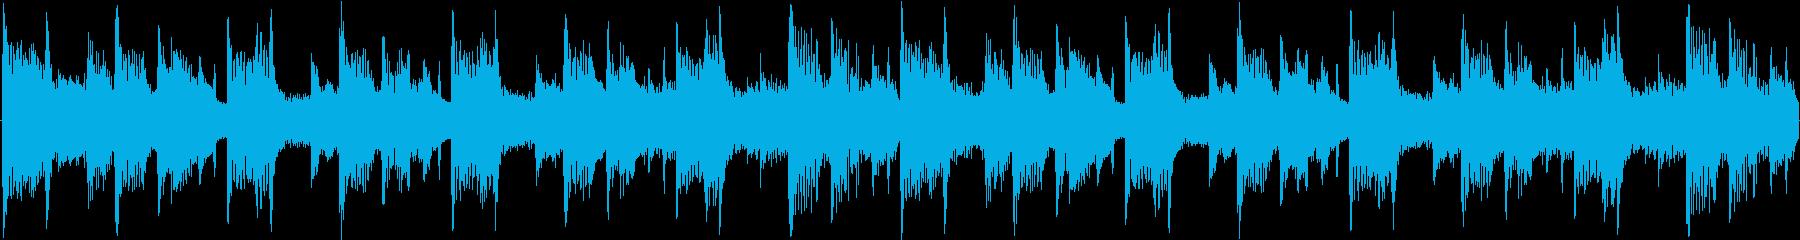 リラックス系のアンビエントハウスの再生済みの波形